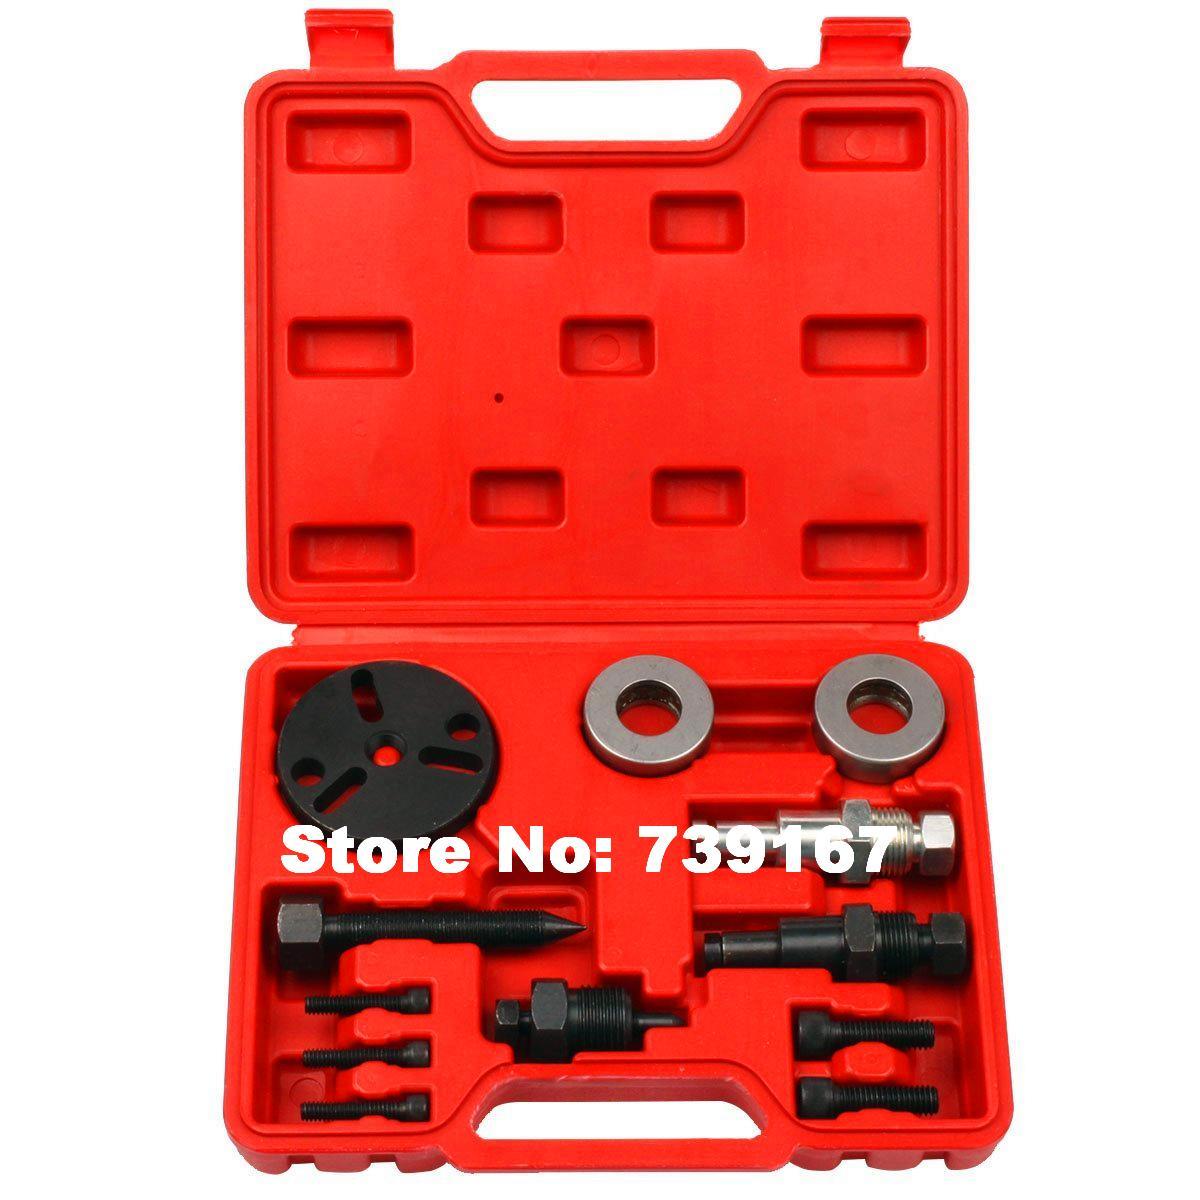 Voiture climatiseur compresseur embrayage enlèvement extracteur outils Auto climatisation embrayage dissolvant réparation Garage outils ST0045